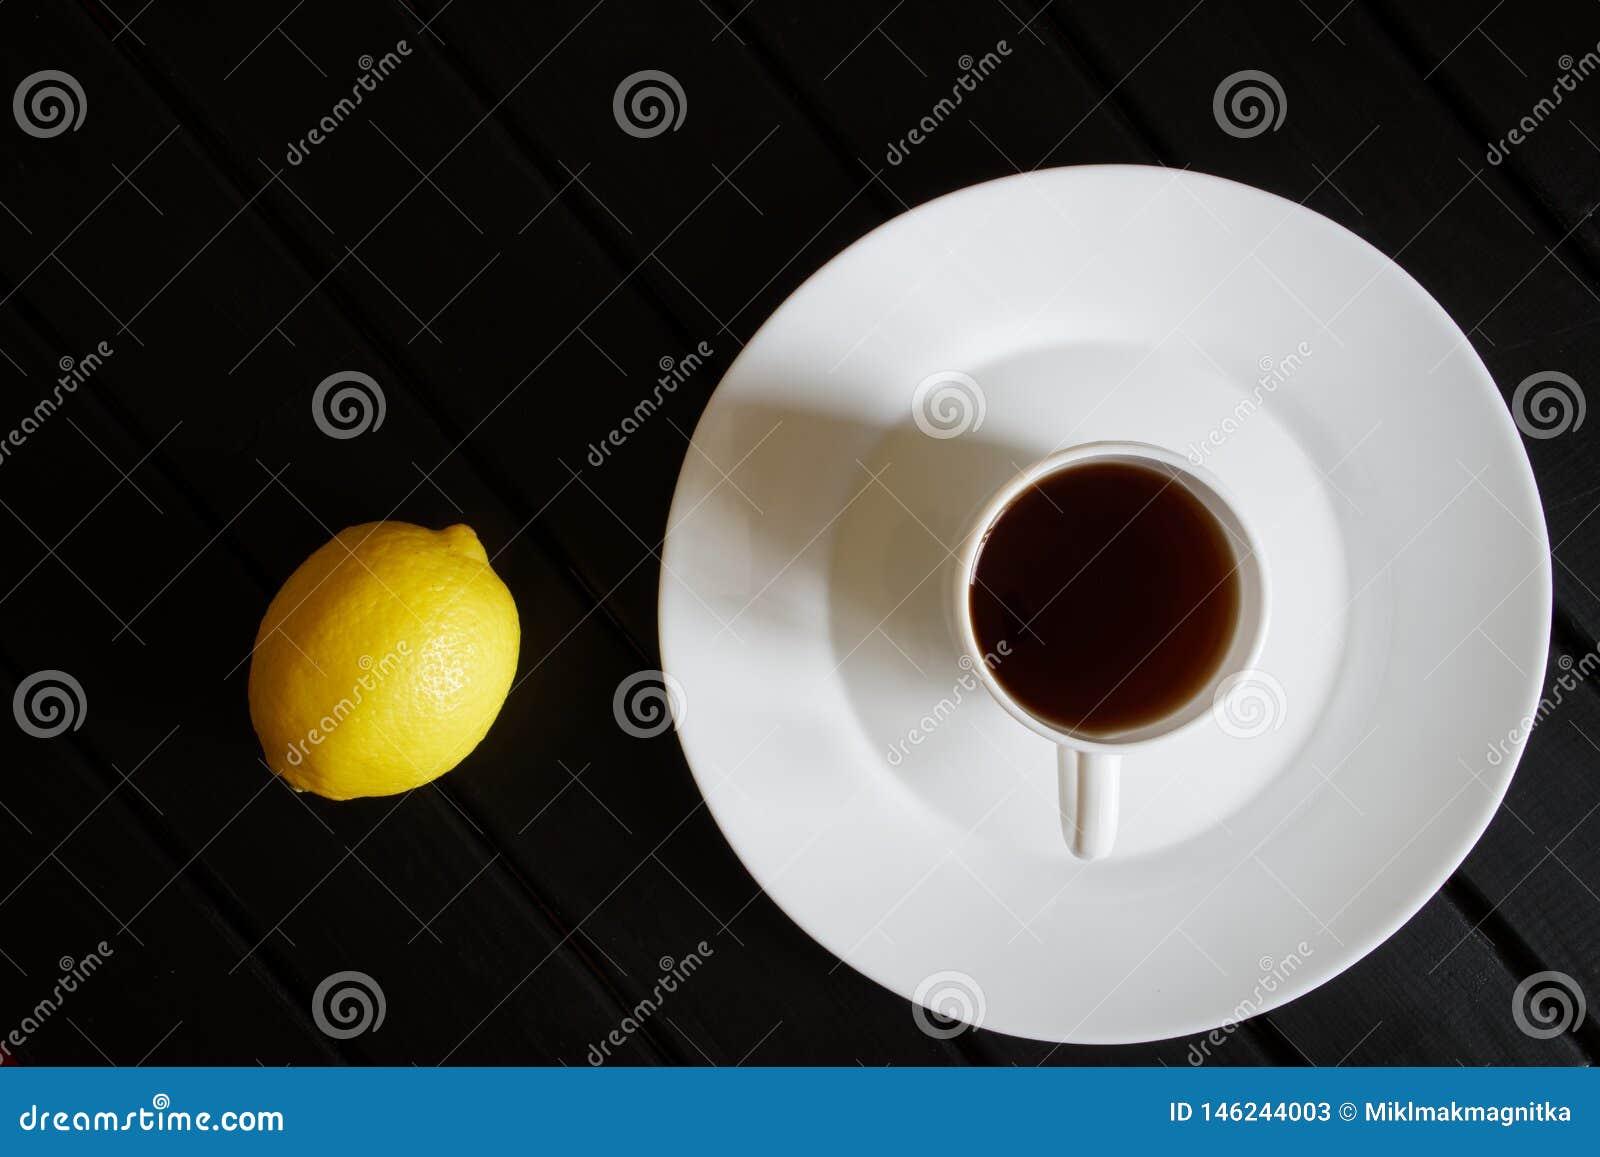 Biała filiżanka z czarnej herbaty stojakami w spodeczku obok żółtej cytryny na ciemnym drewnianym stole na widok minimalista